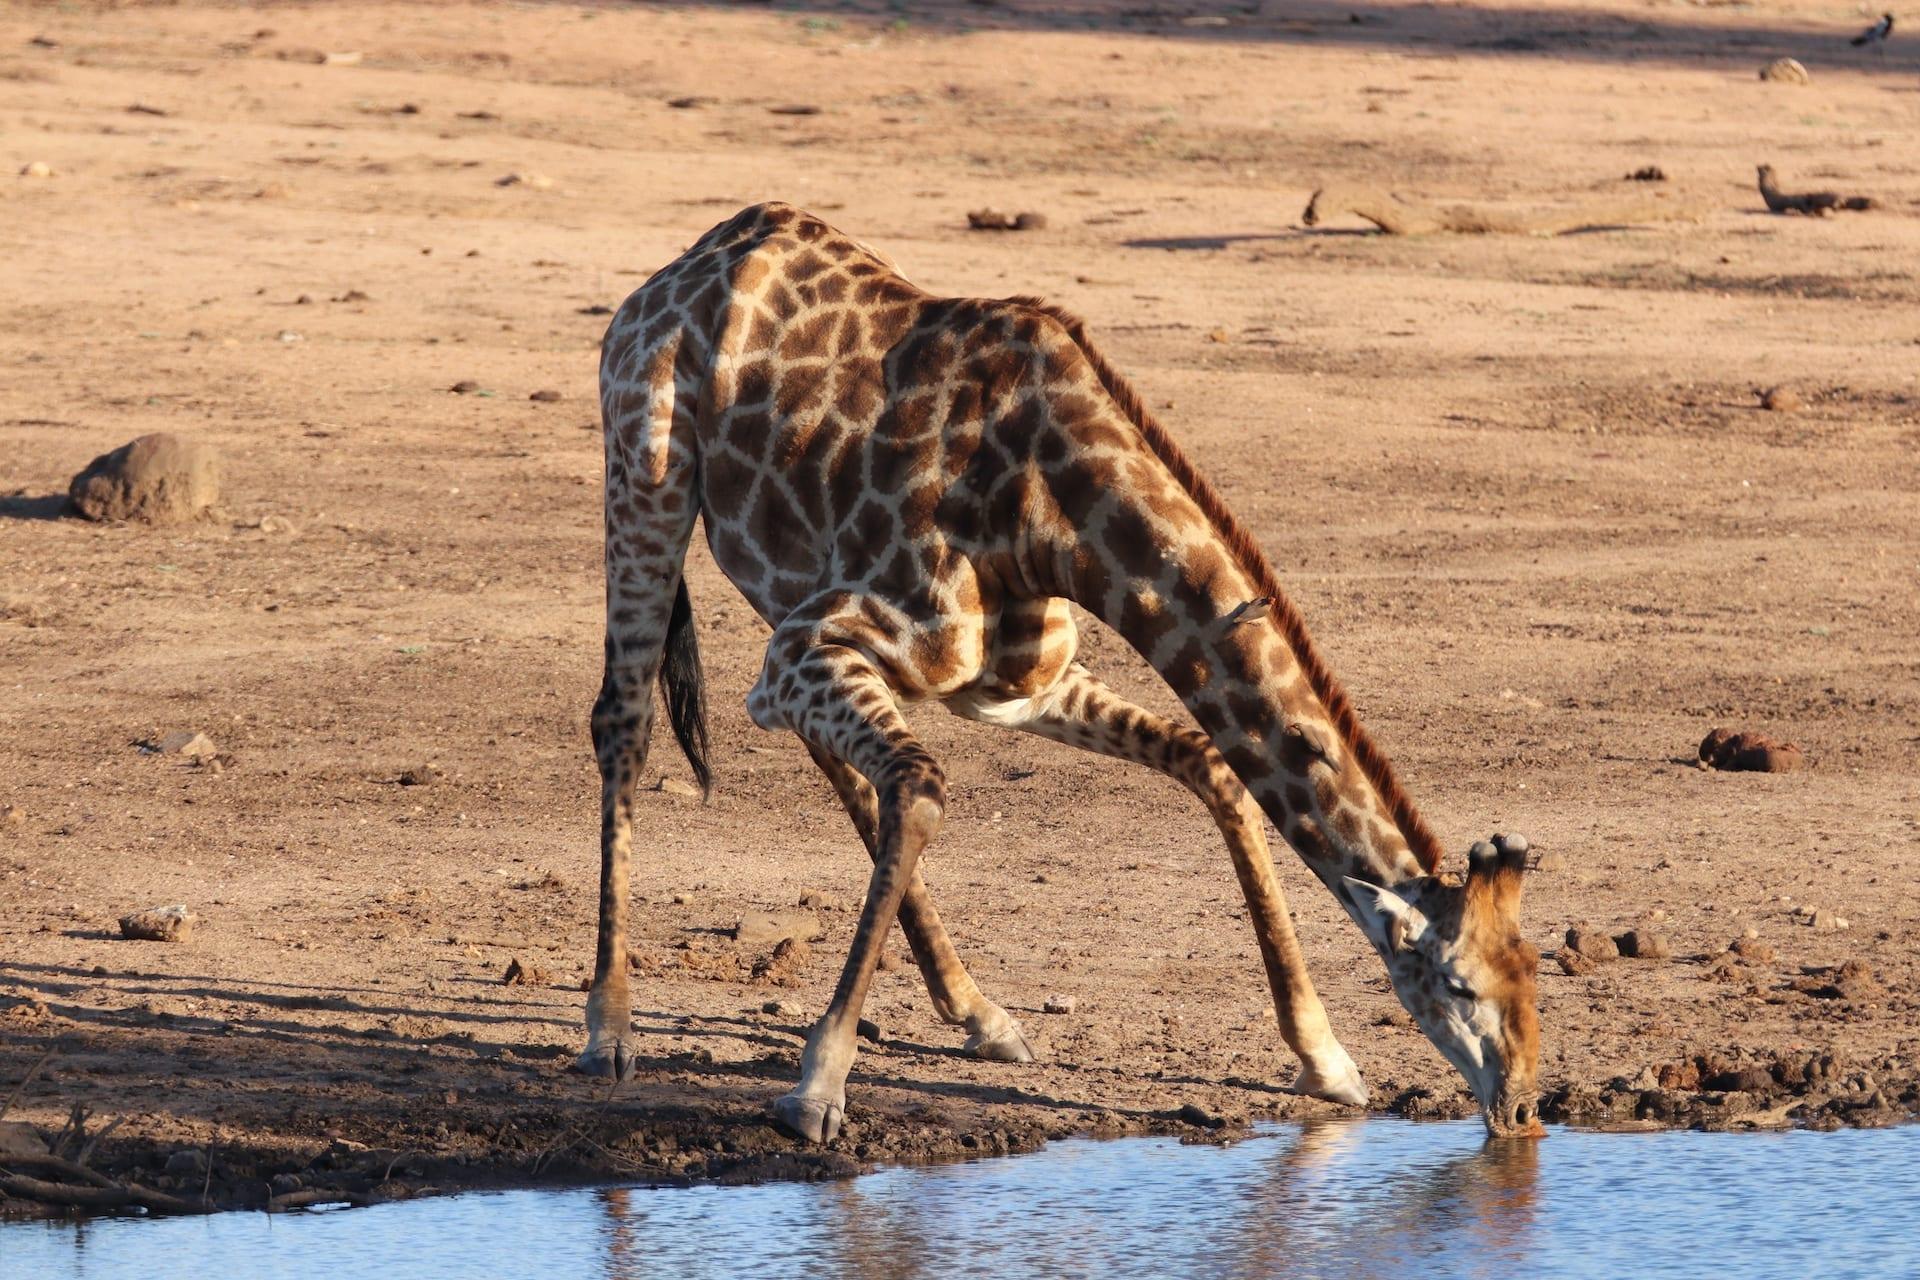 # ZA 14 - ZA - Klaserie - giraffe - NOV 2019